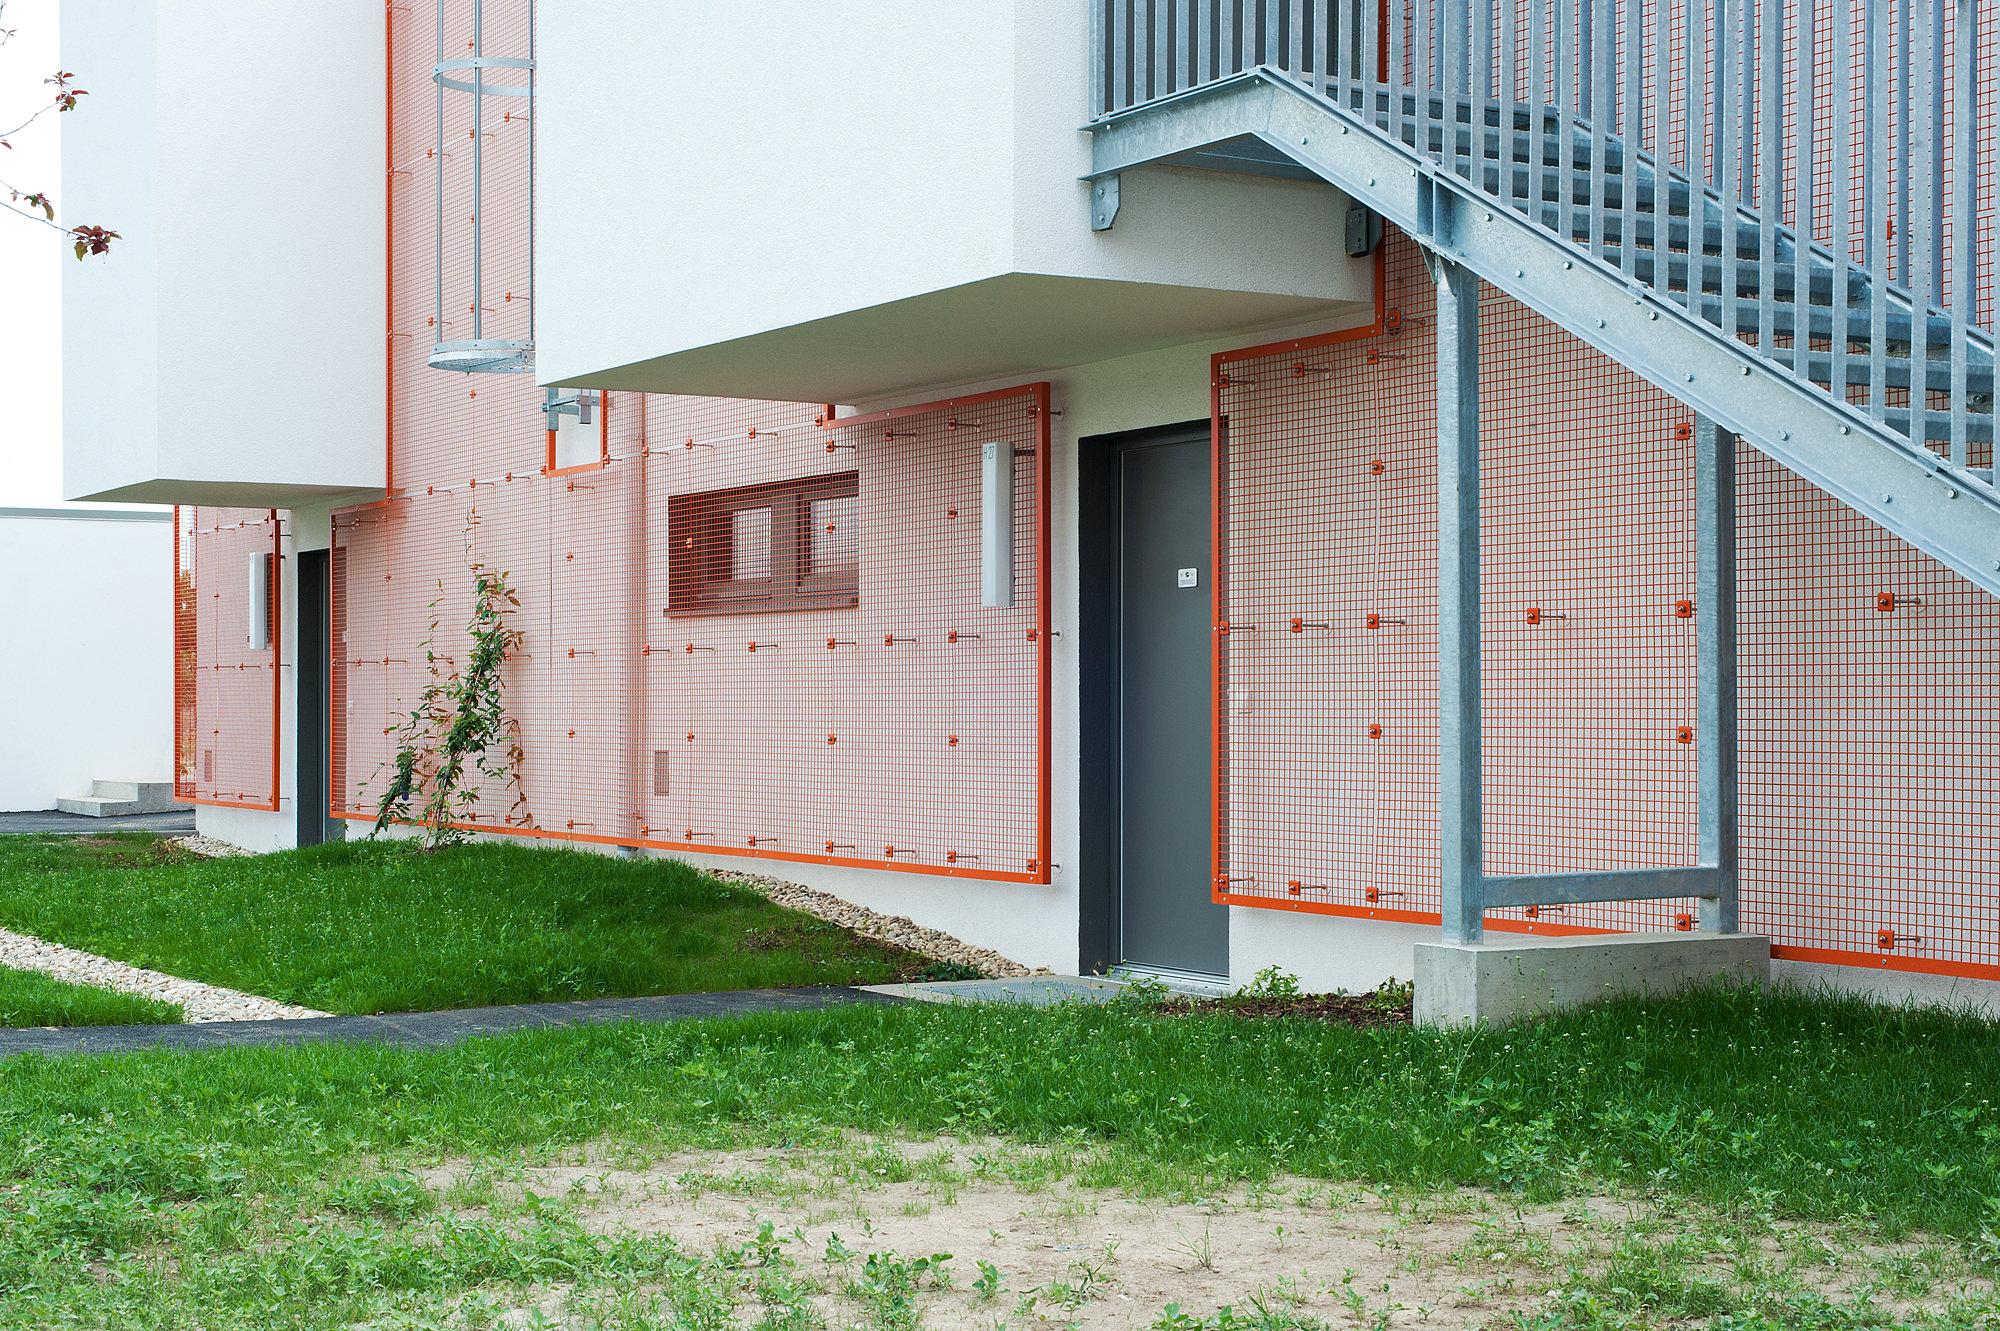 seefeldergasse_13_wohnbau_1220_wien_junger_beer_architektur